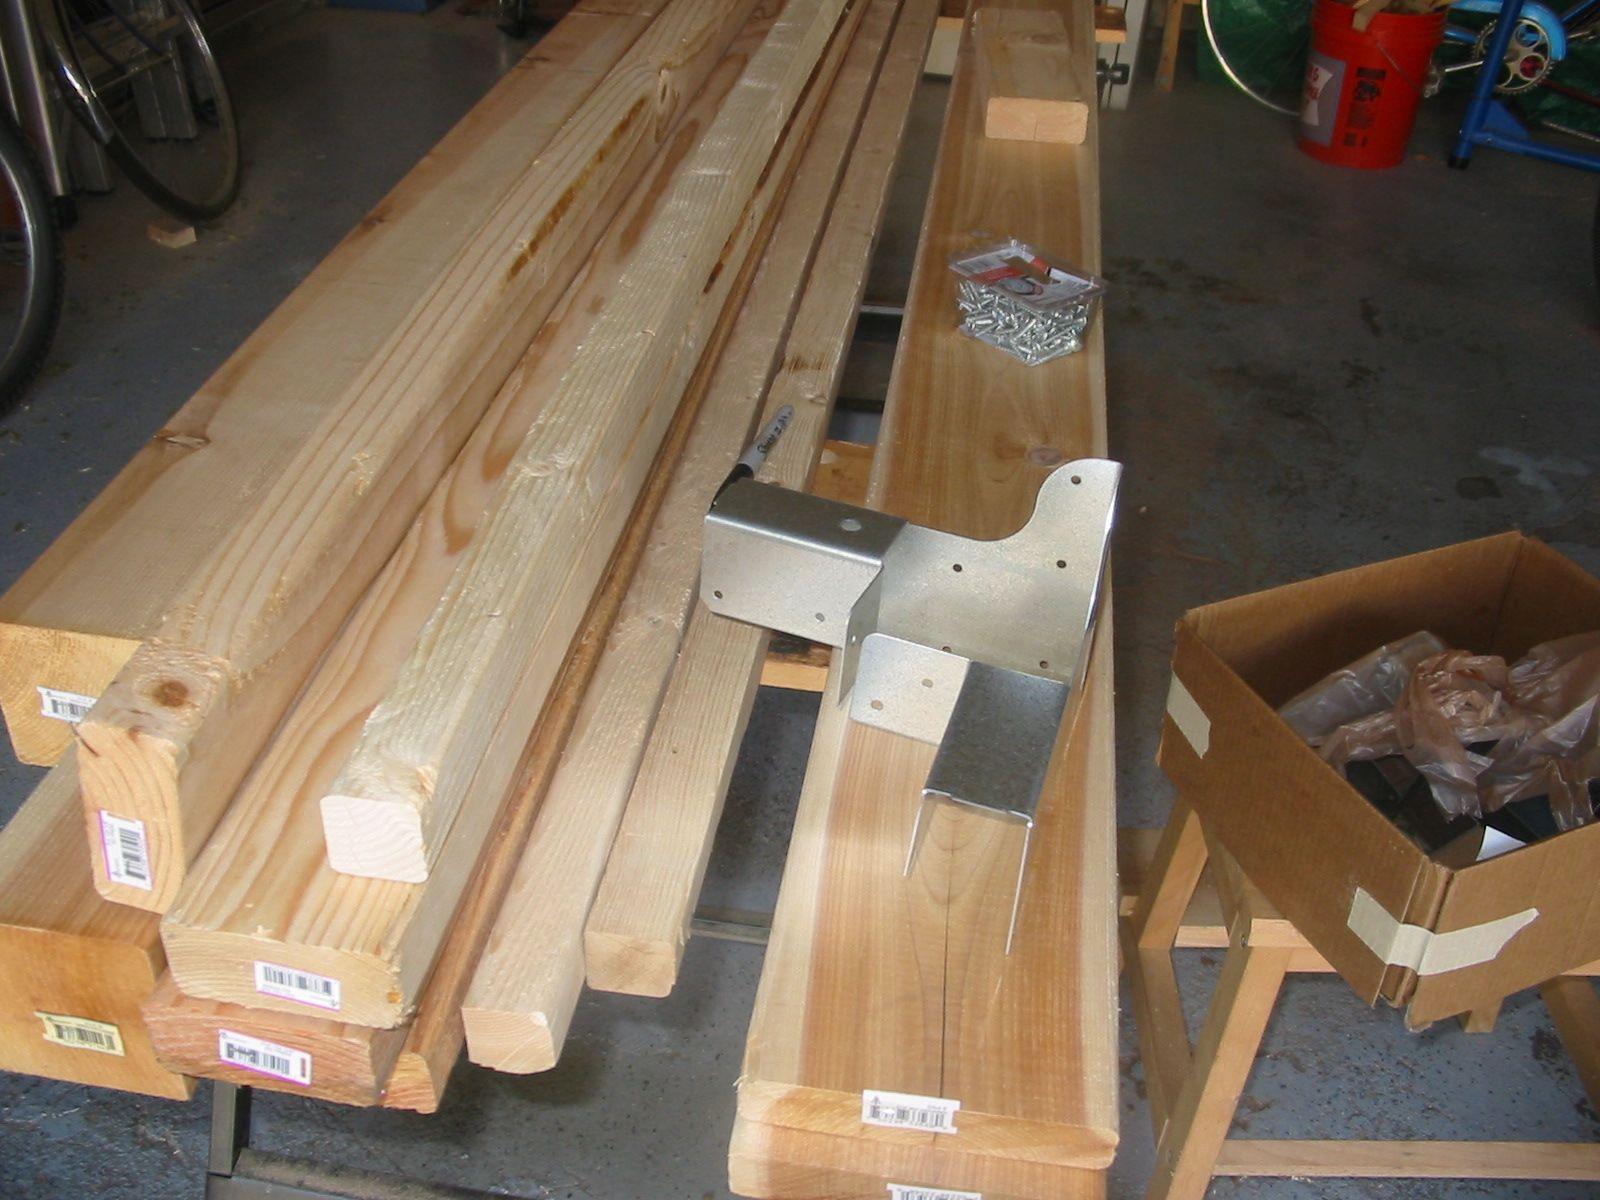 selkie wood works